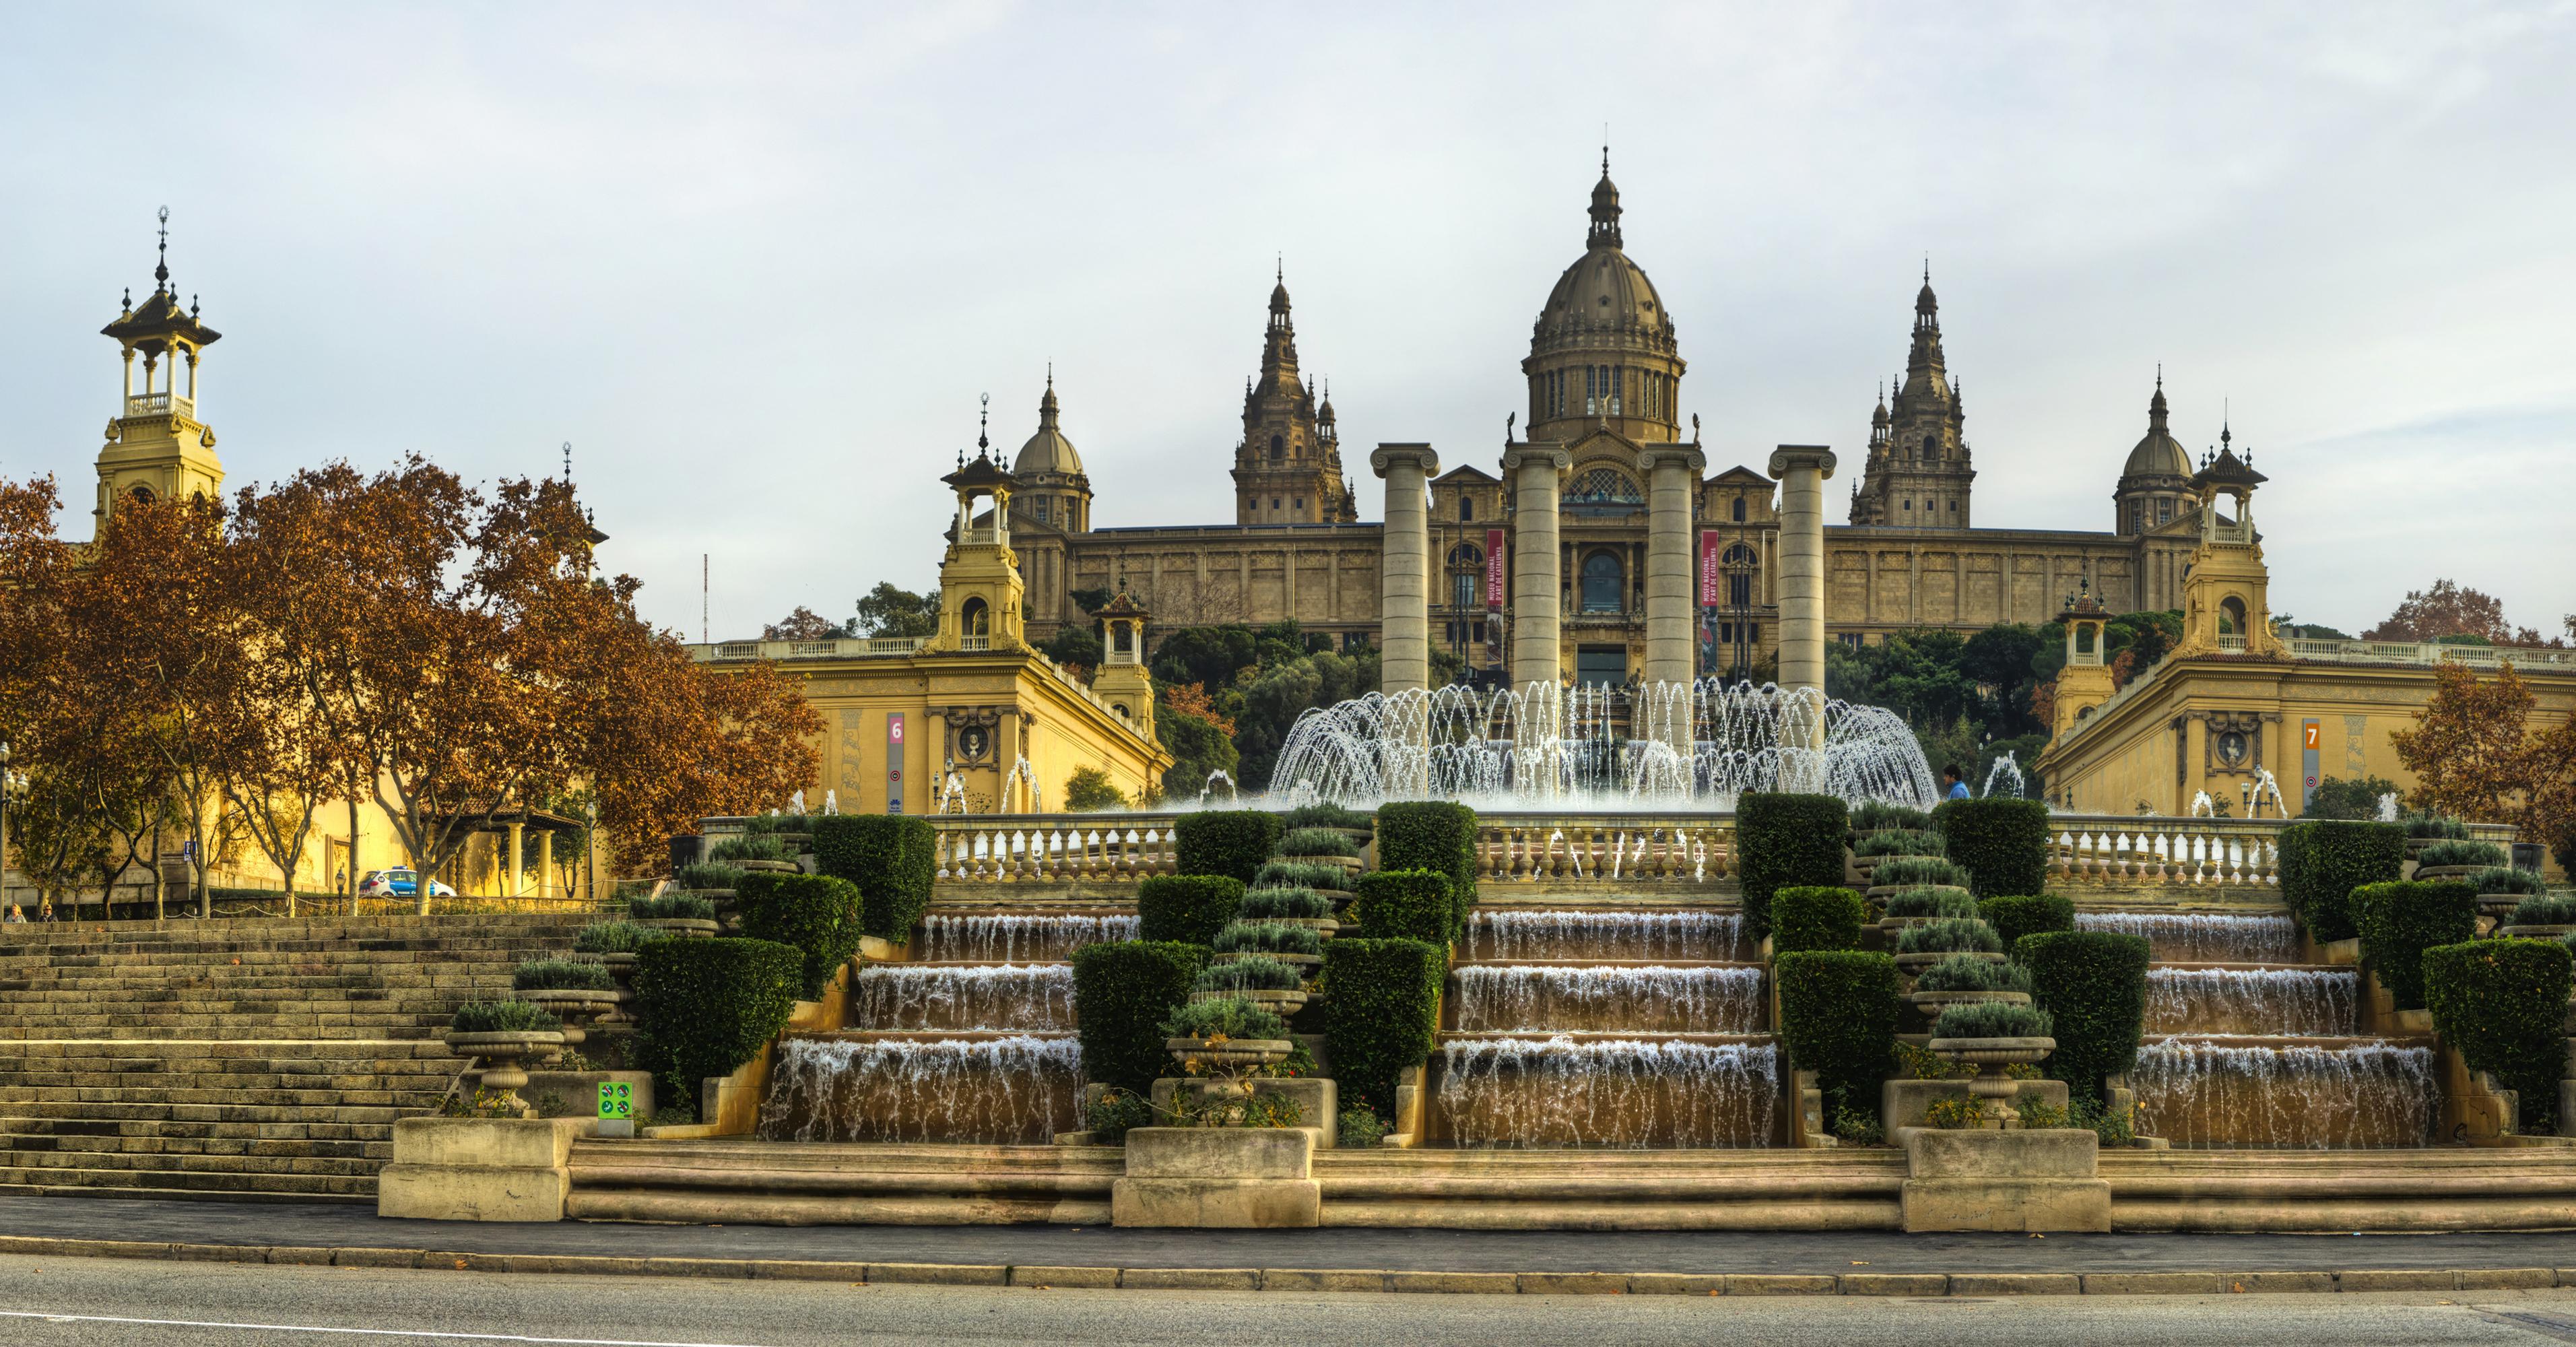 Фотография Барселона Дворец Испания Фонтаны National Palace лестницы Водопады Города 3825x2000 дворца Лестница город